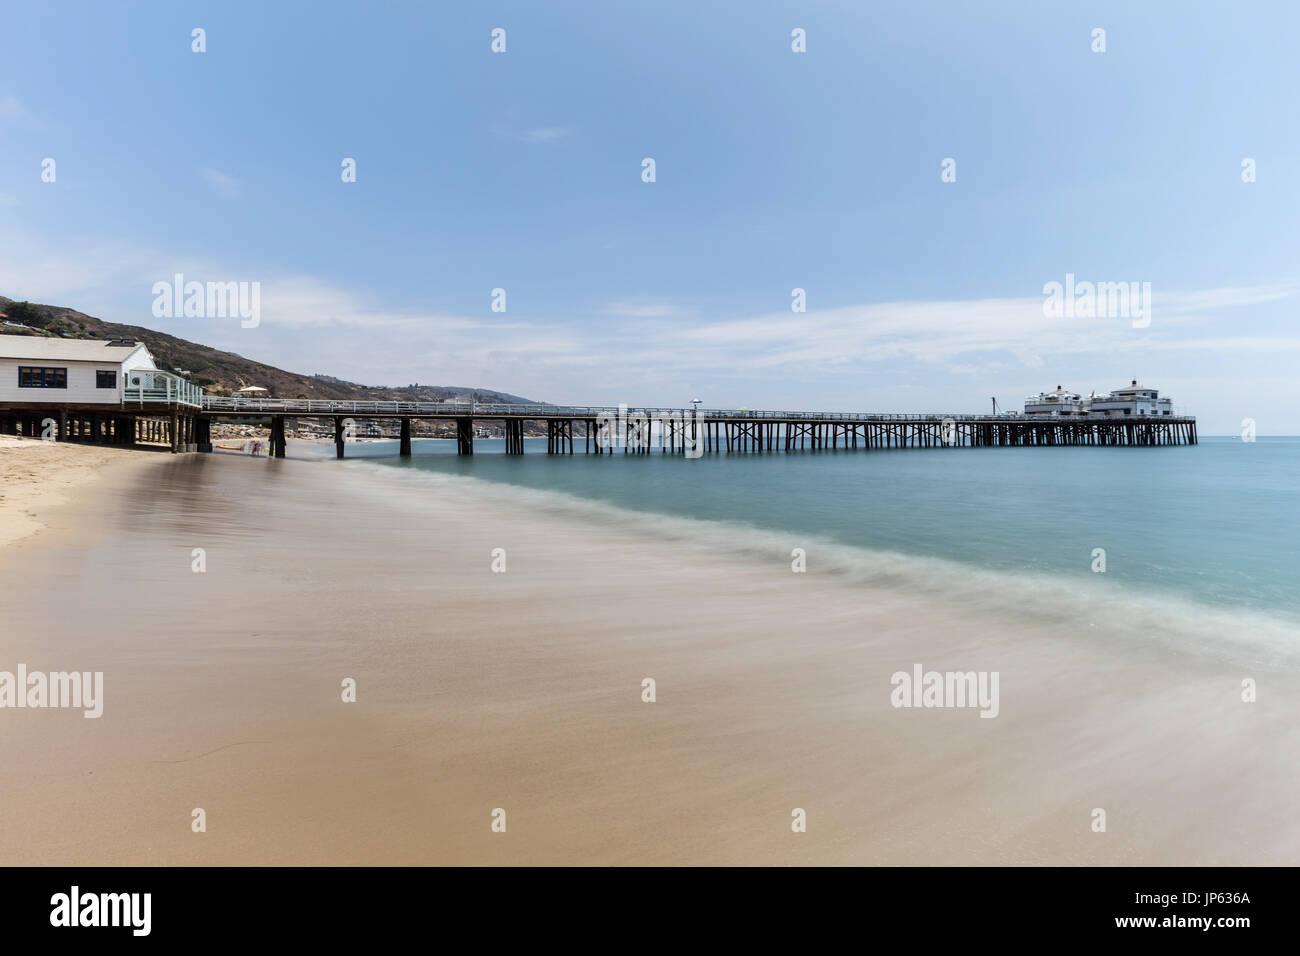 Malibu Pier beach avec le flou de l'eau de l'océan Pacifique, près de Los Angeles en Californie du Sud. Photo Stock